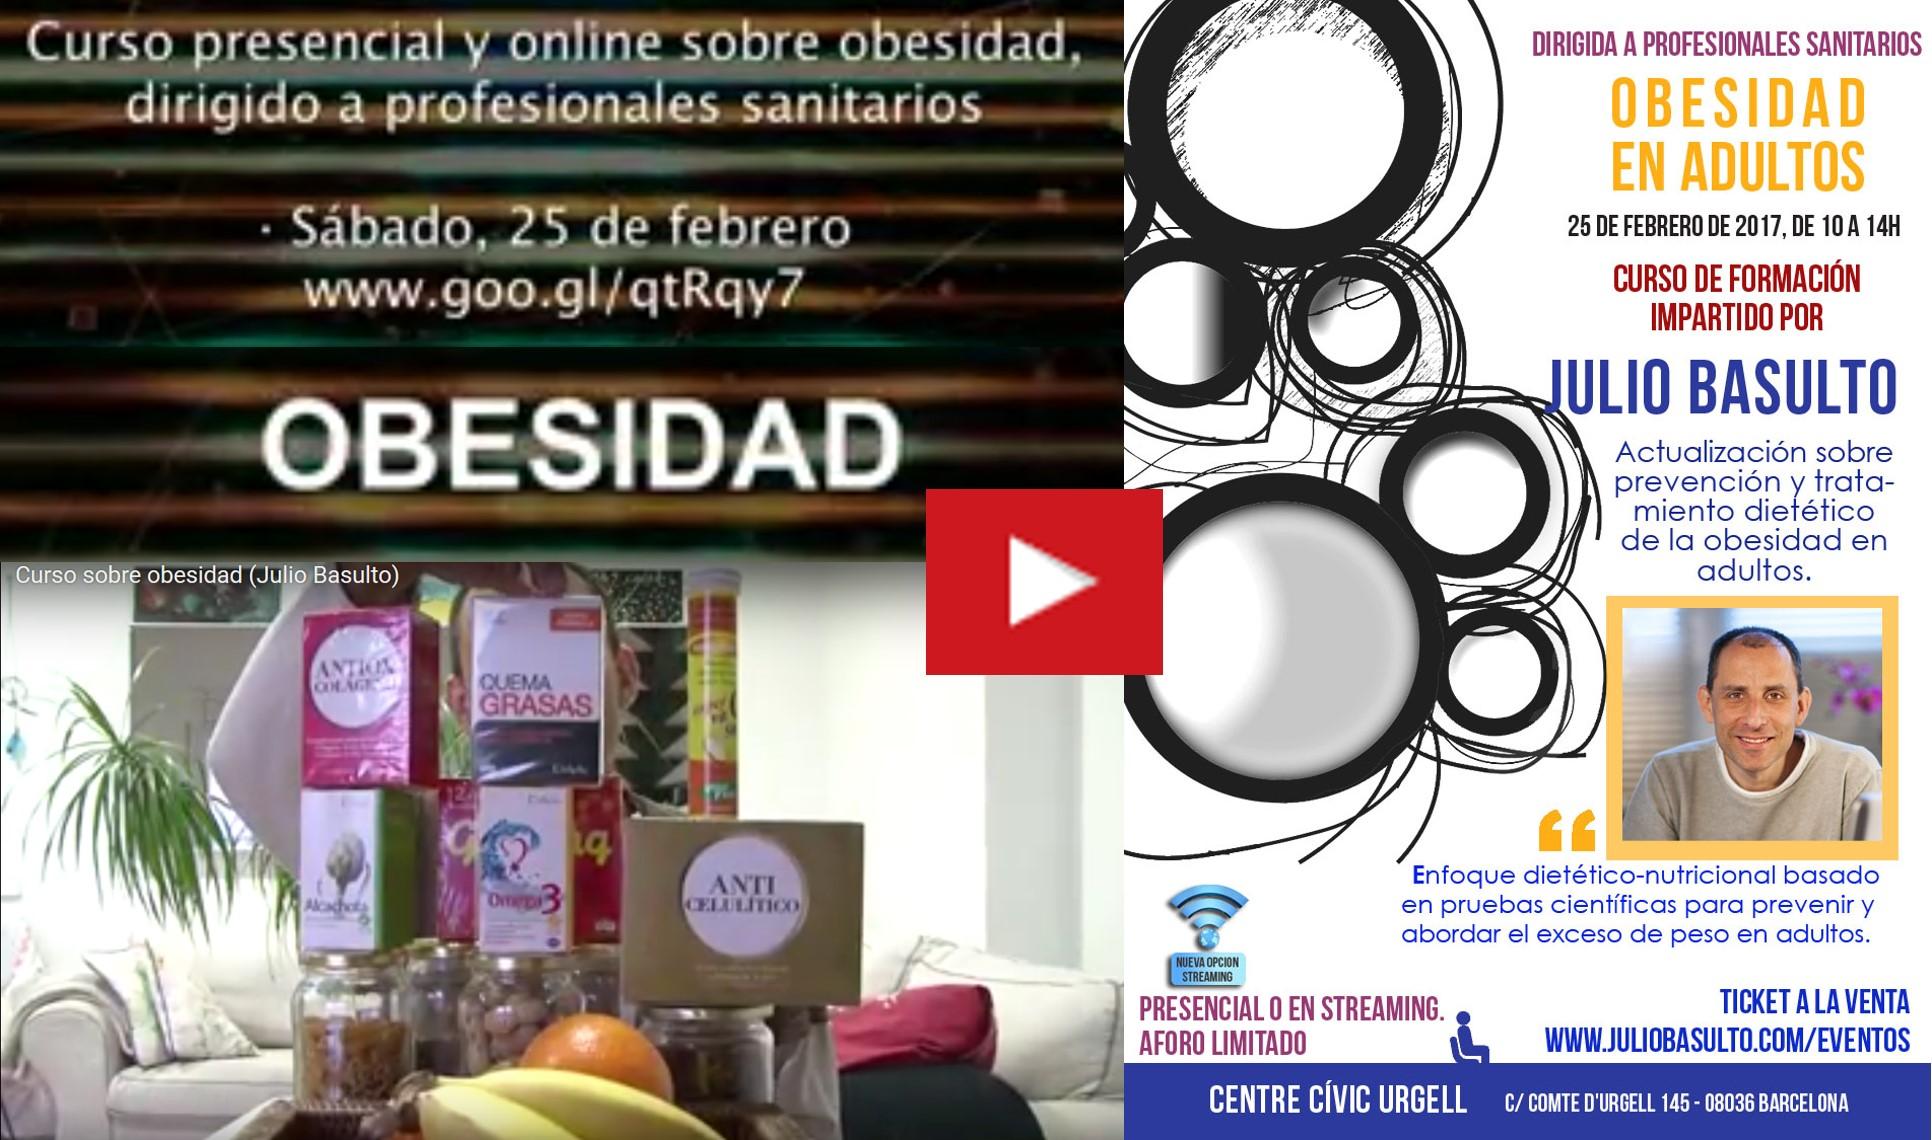 Curso de obesidad dirigido a profesionales sanitarios (vídeo promocional)